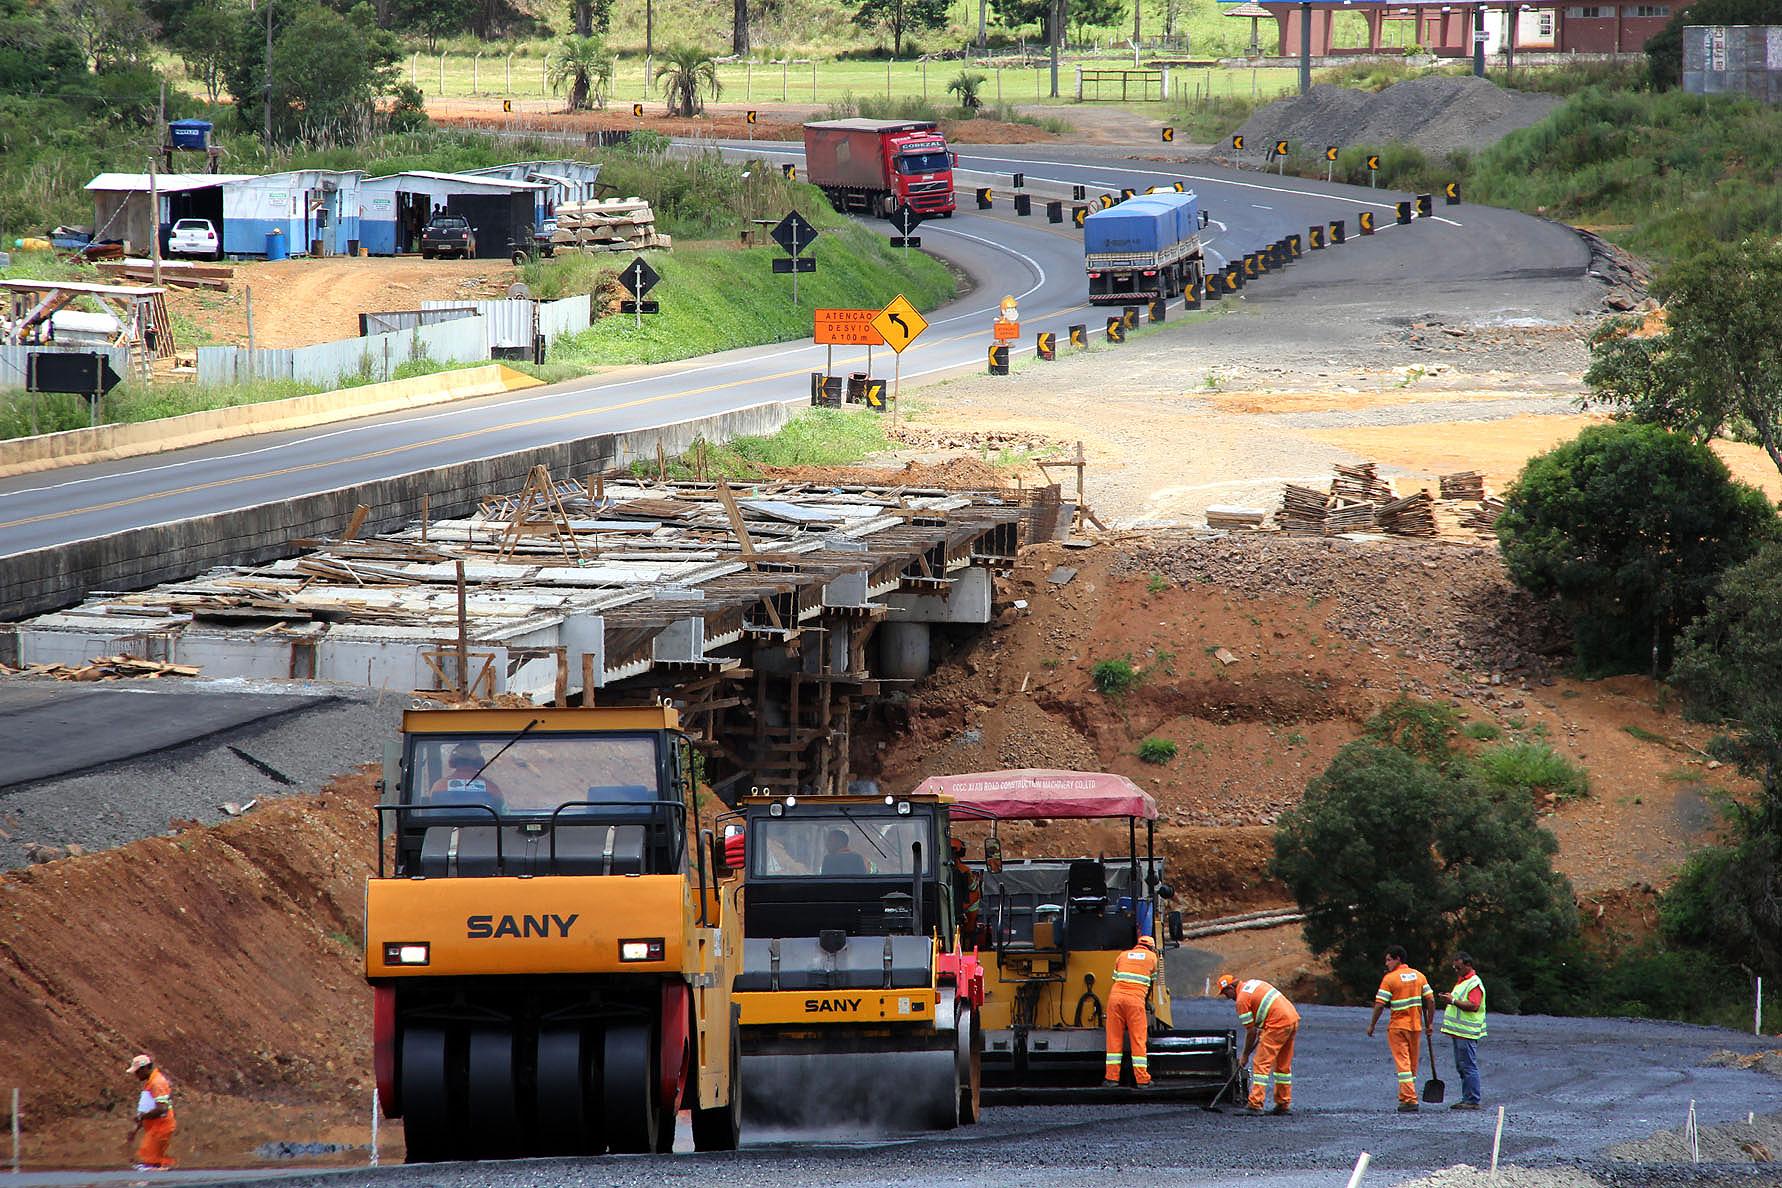 Duplicação da BR 277, entre Guarapuava e Relógio: recursos do BID viabilizam obras rodoviárias de leste a oeste